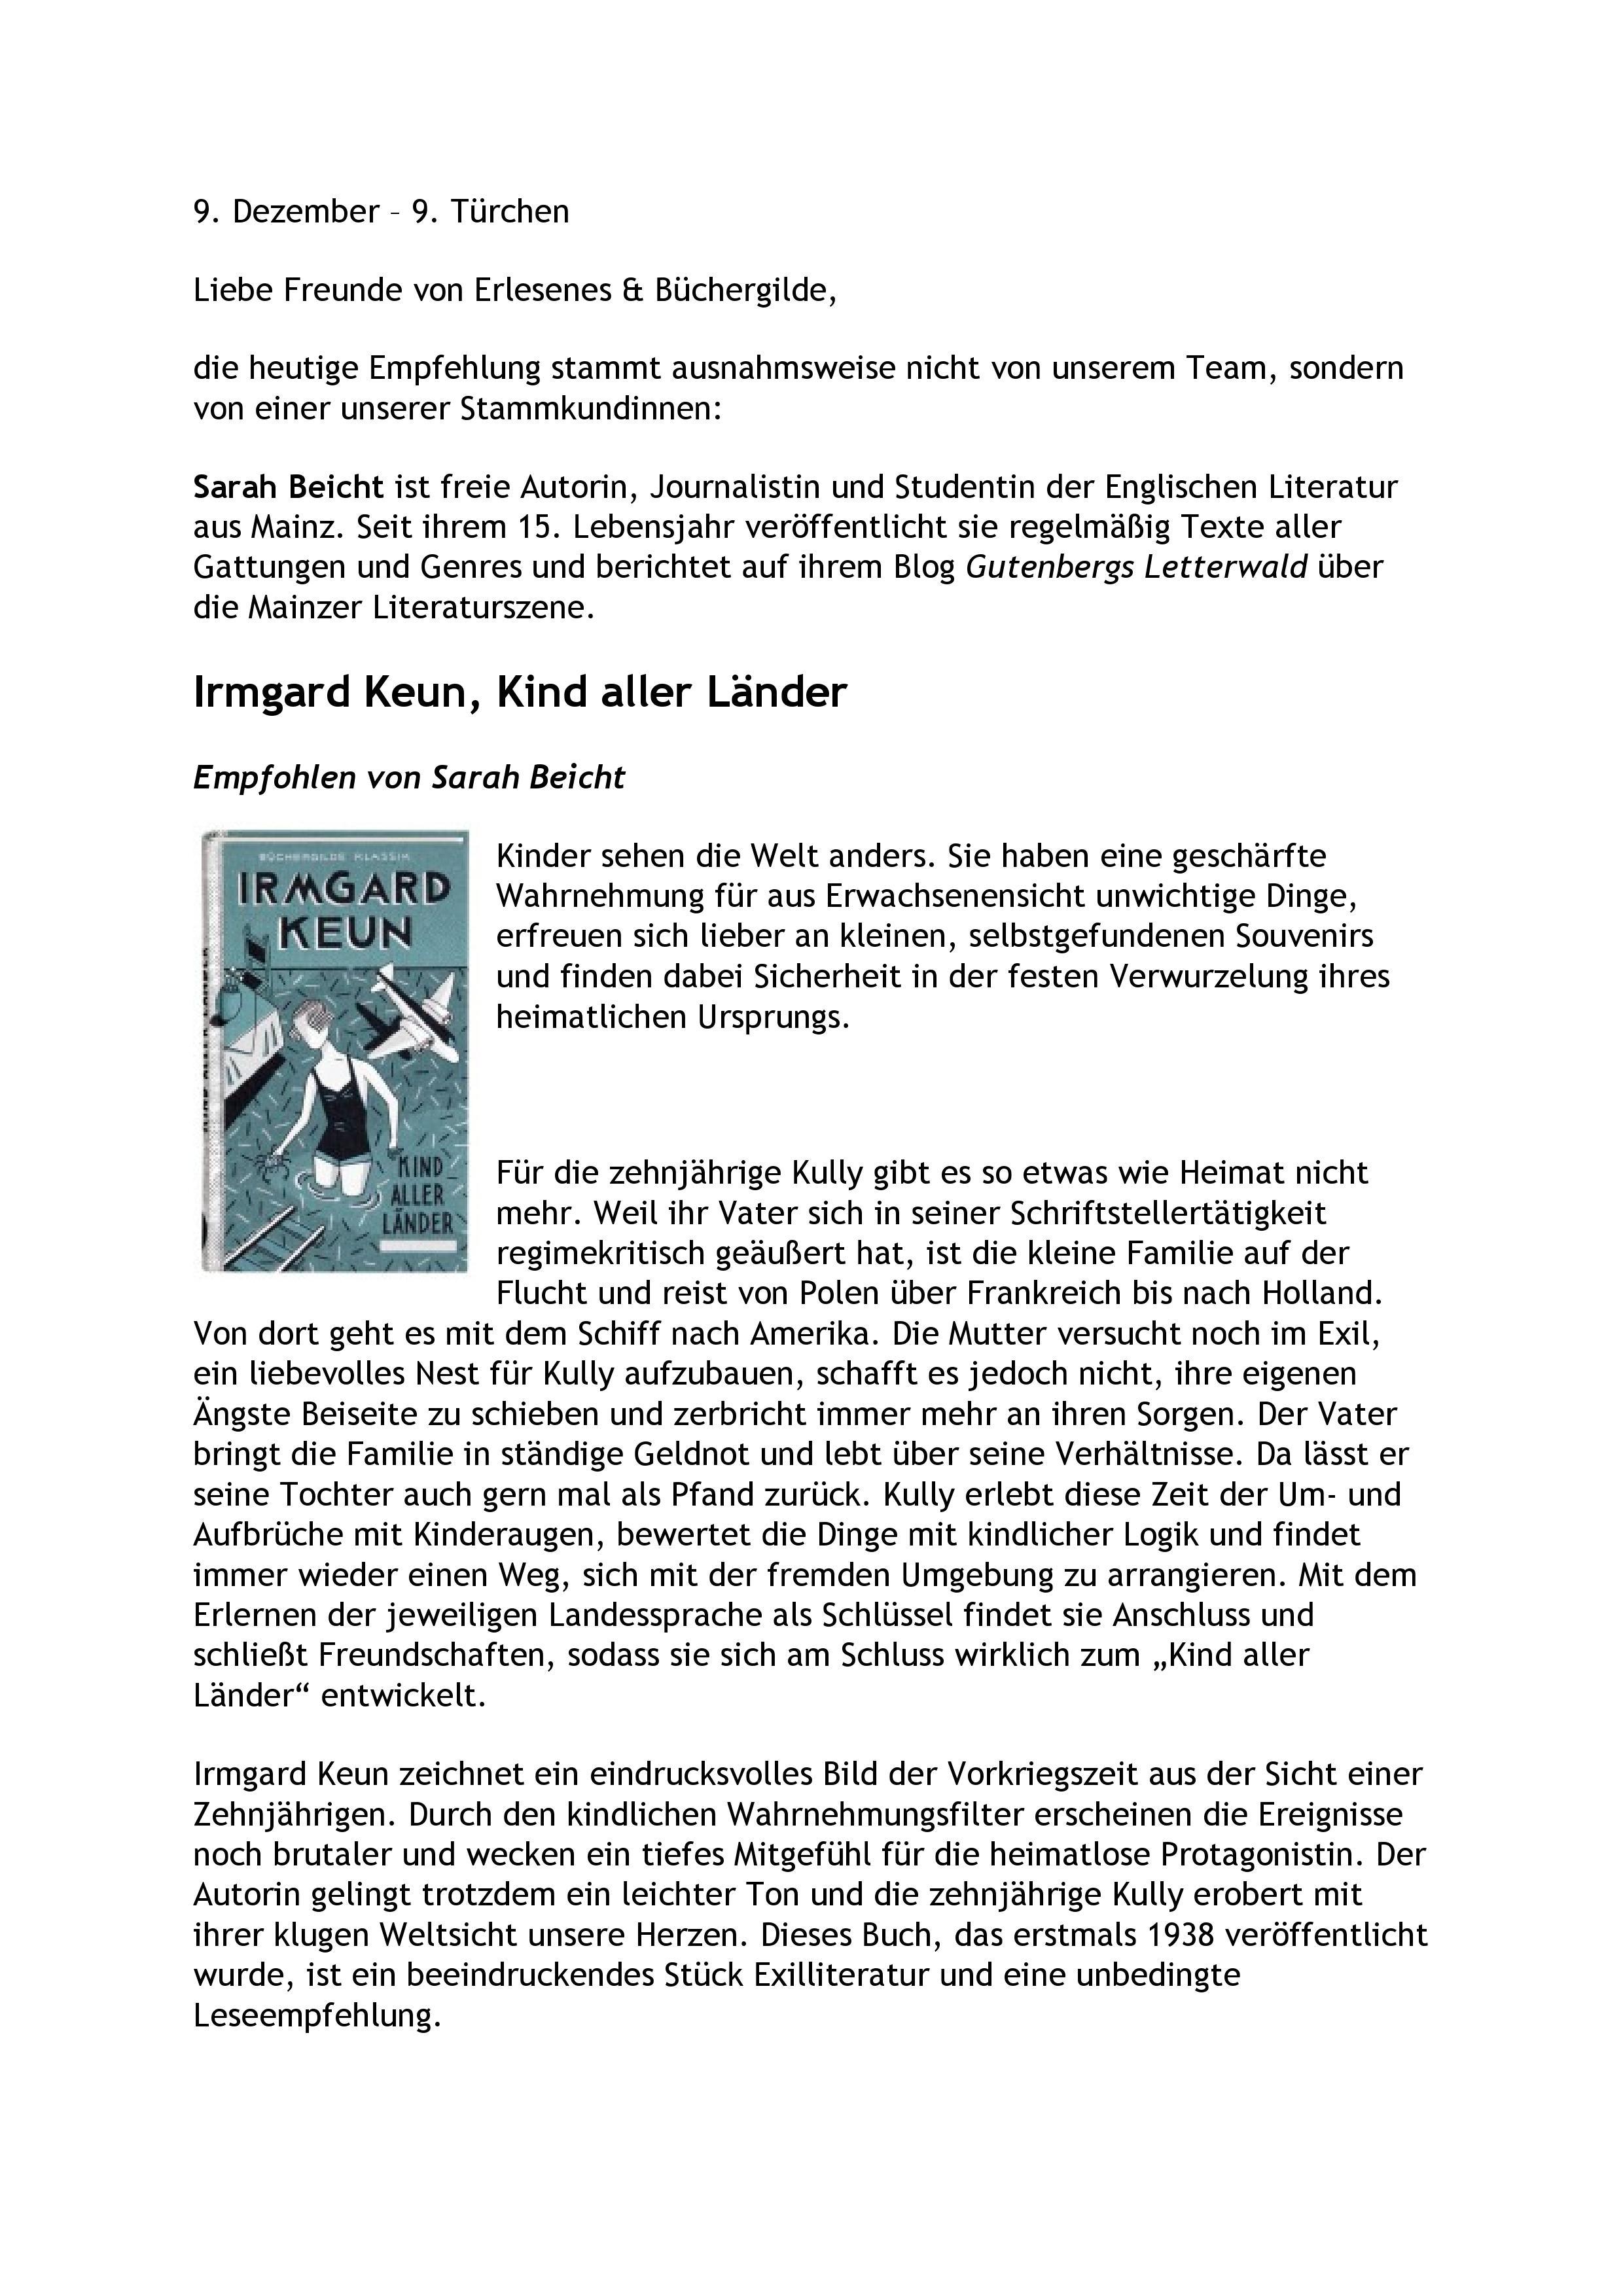 irmgard-keun_kind-aller-laender-1